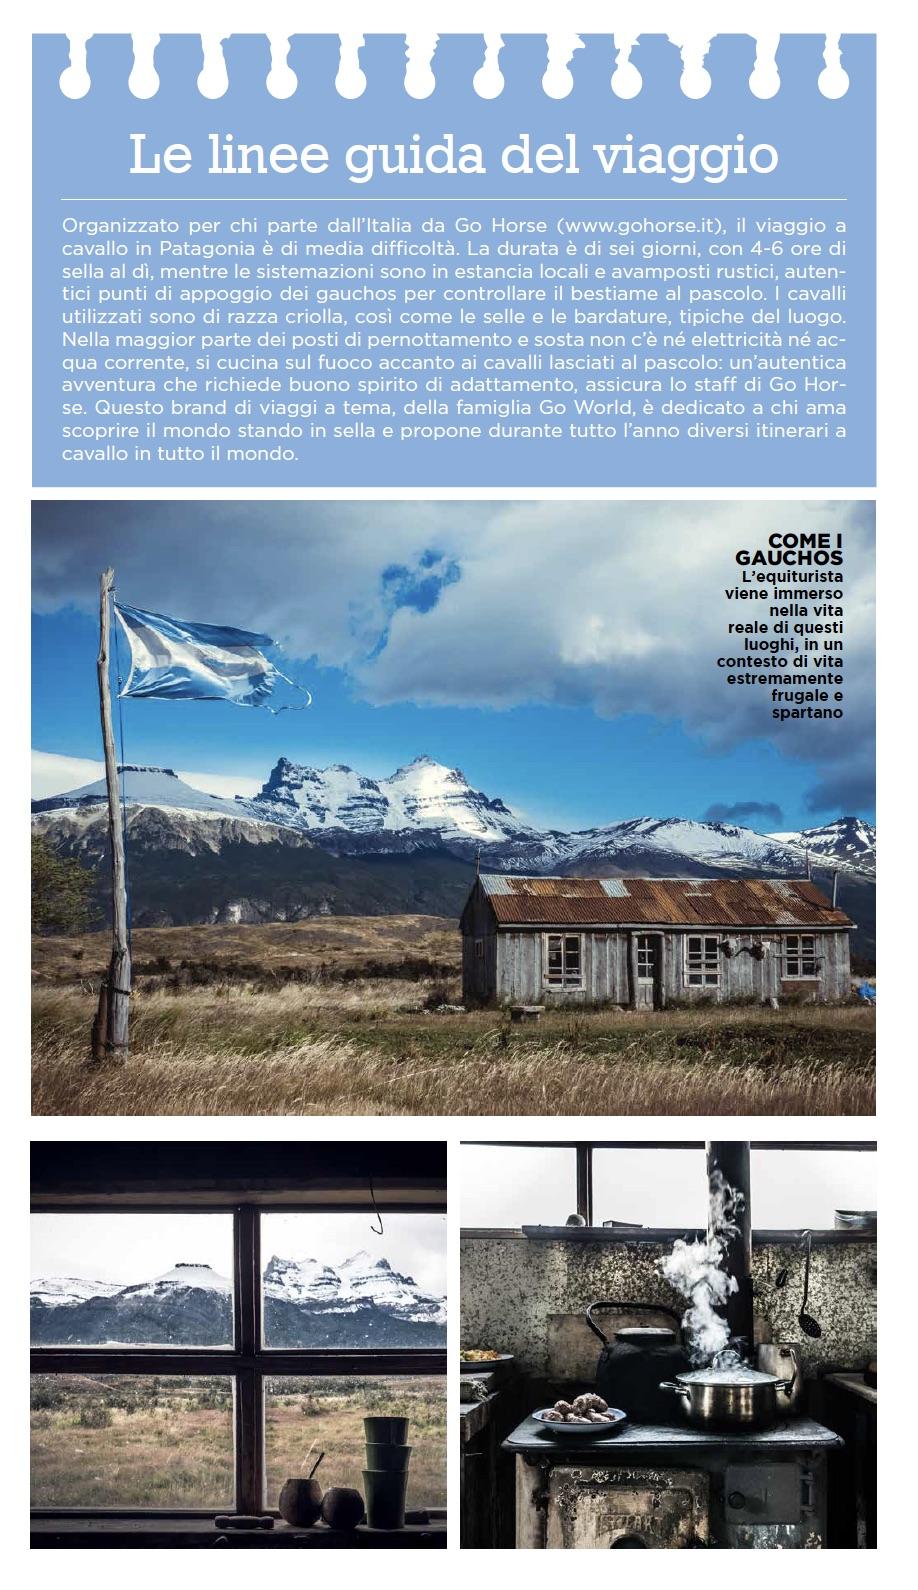 Le linee guida del viaggio in Patagonia - Cavallo Magazine marzo 2020 -